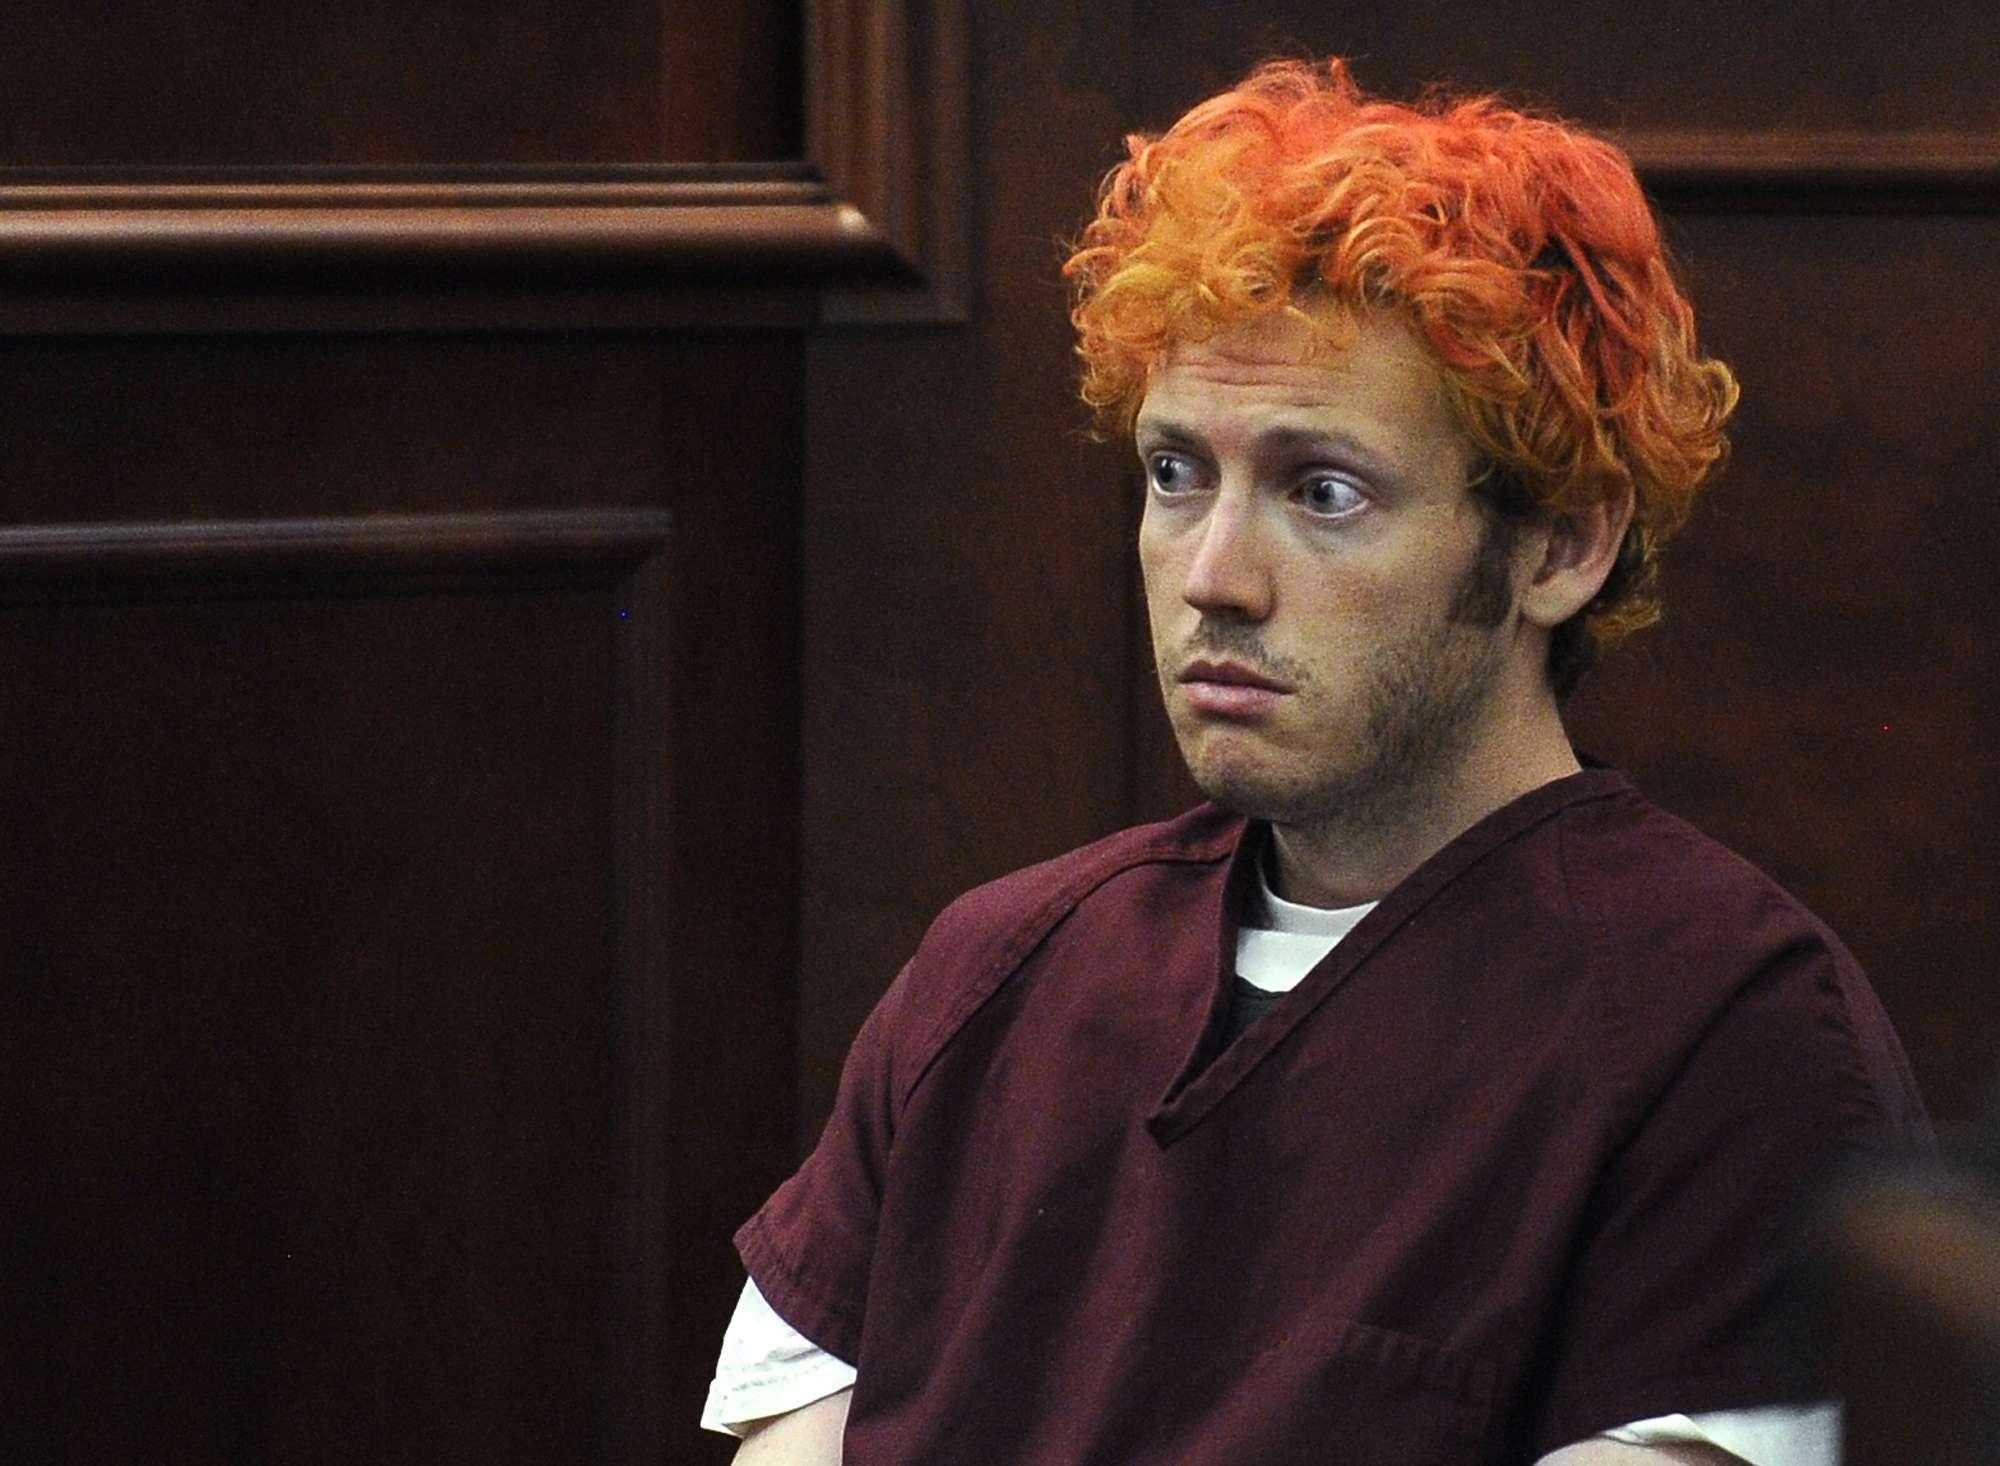 Fotografía de archivo del 23 de julio de 2012 de James Holmes, acusado de abrir fuego en una sala de cine en Aurora, Colorado, en julio de 2012, matando a 12 asistentes e hiriendo a 70 más. Foto: AP en español